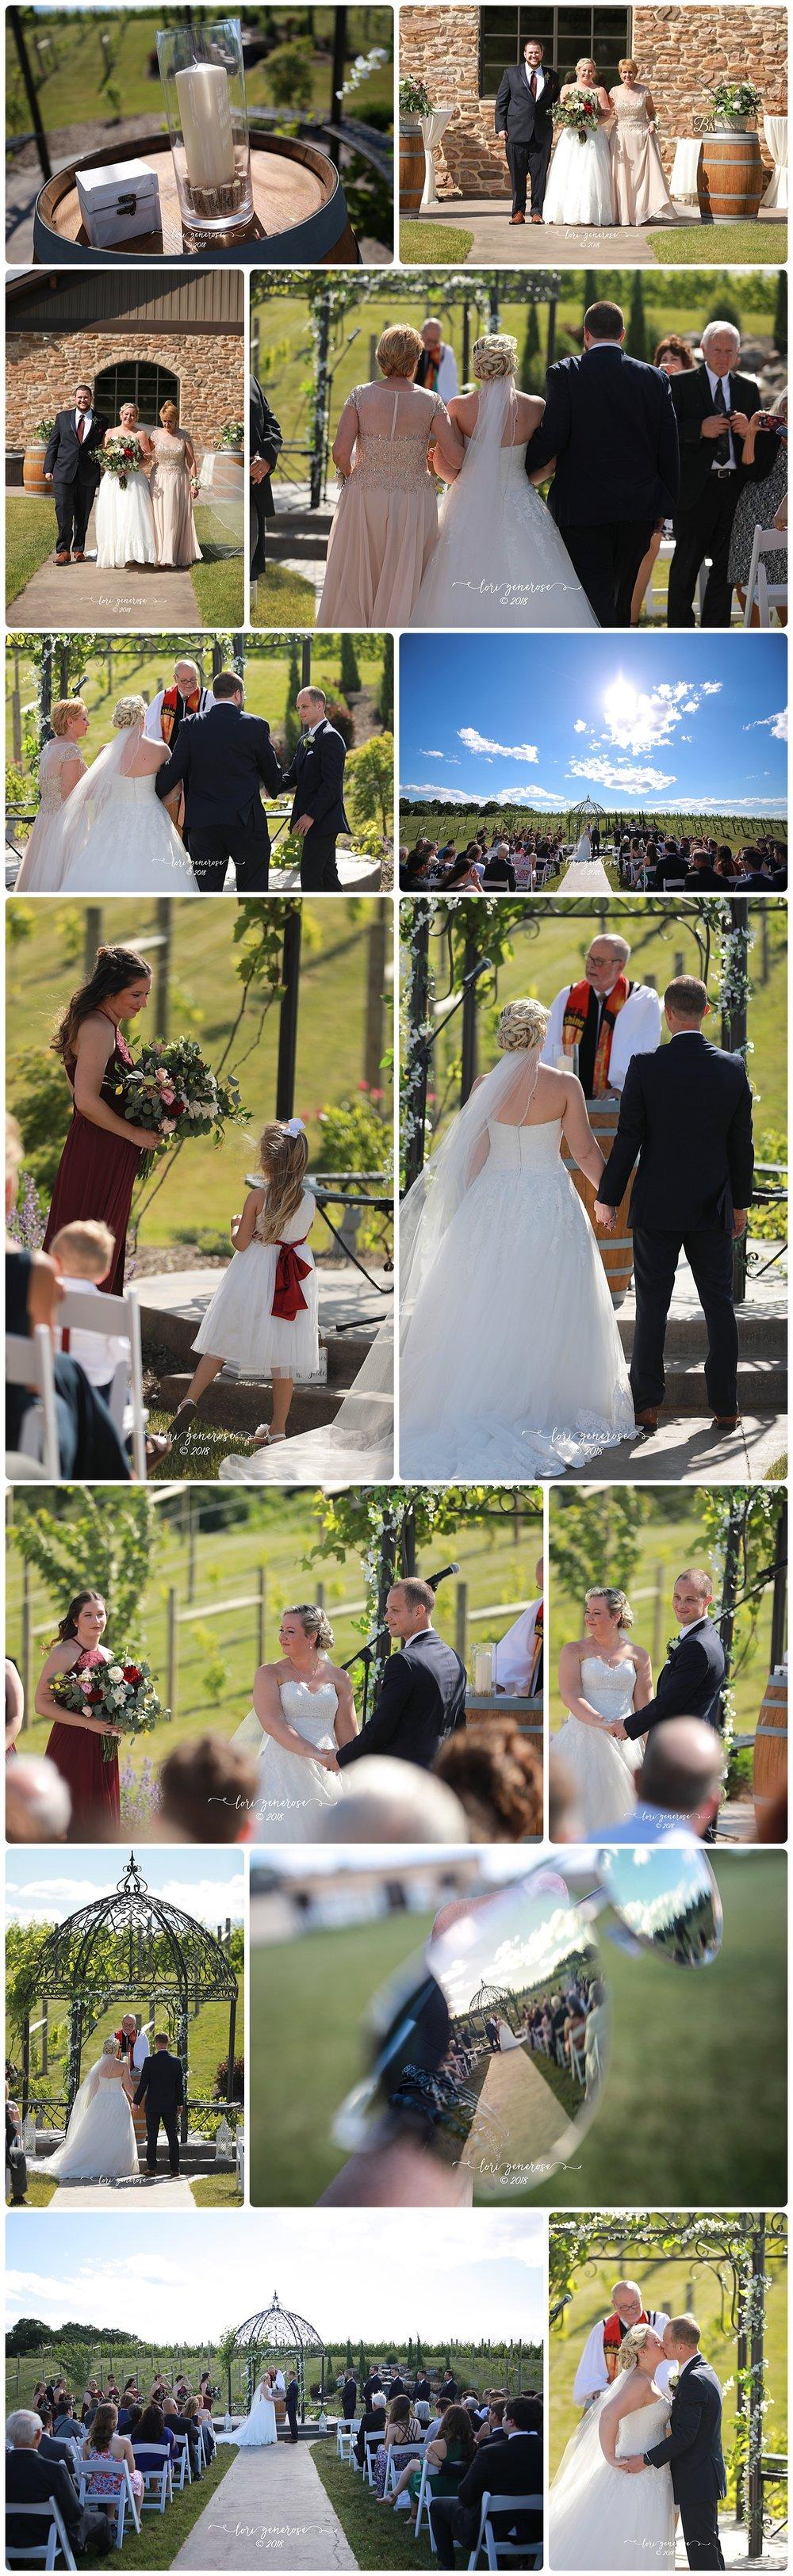 lgphotographylorigeneroseweddingoutdoorweddingceremonyfolinoestatekutztownpa.jpg